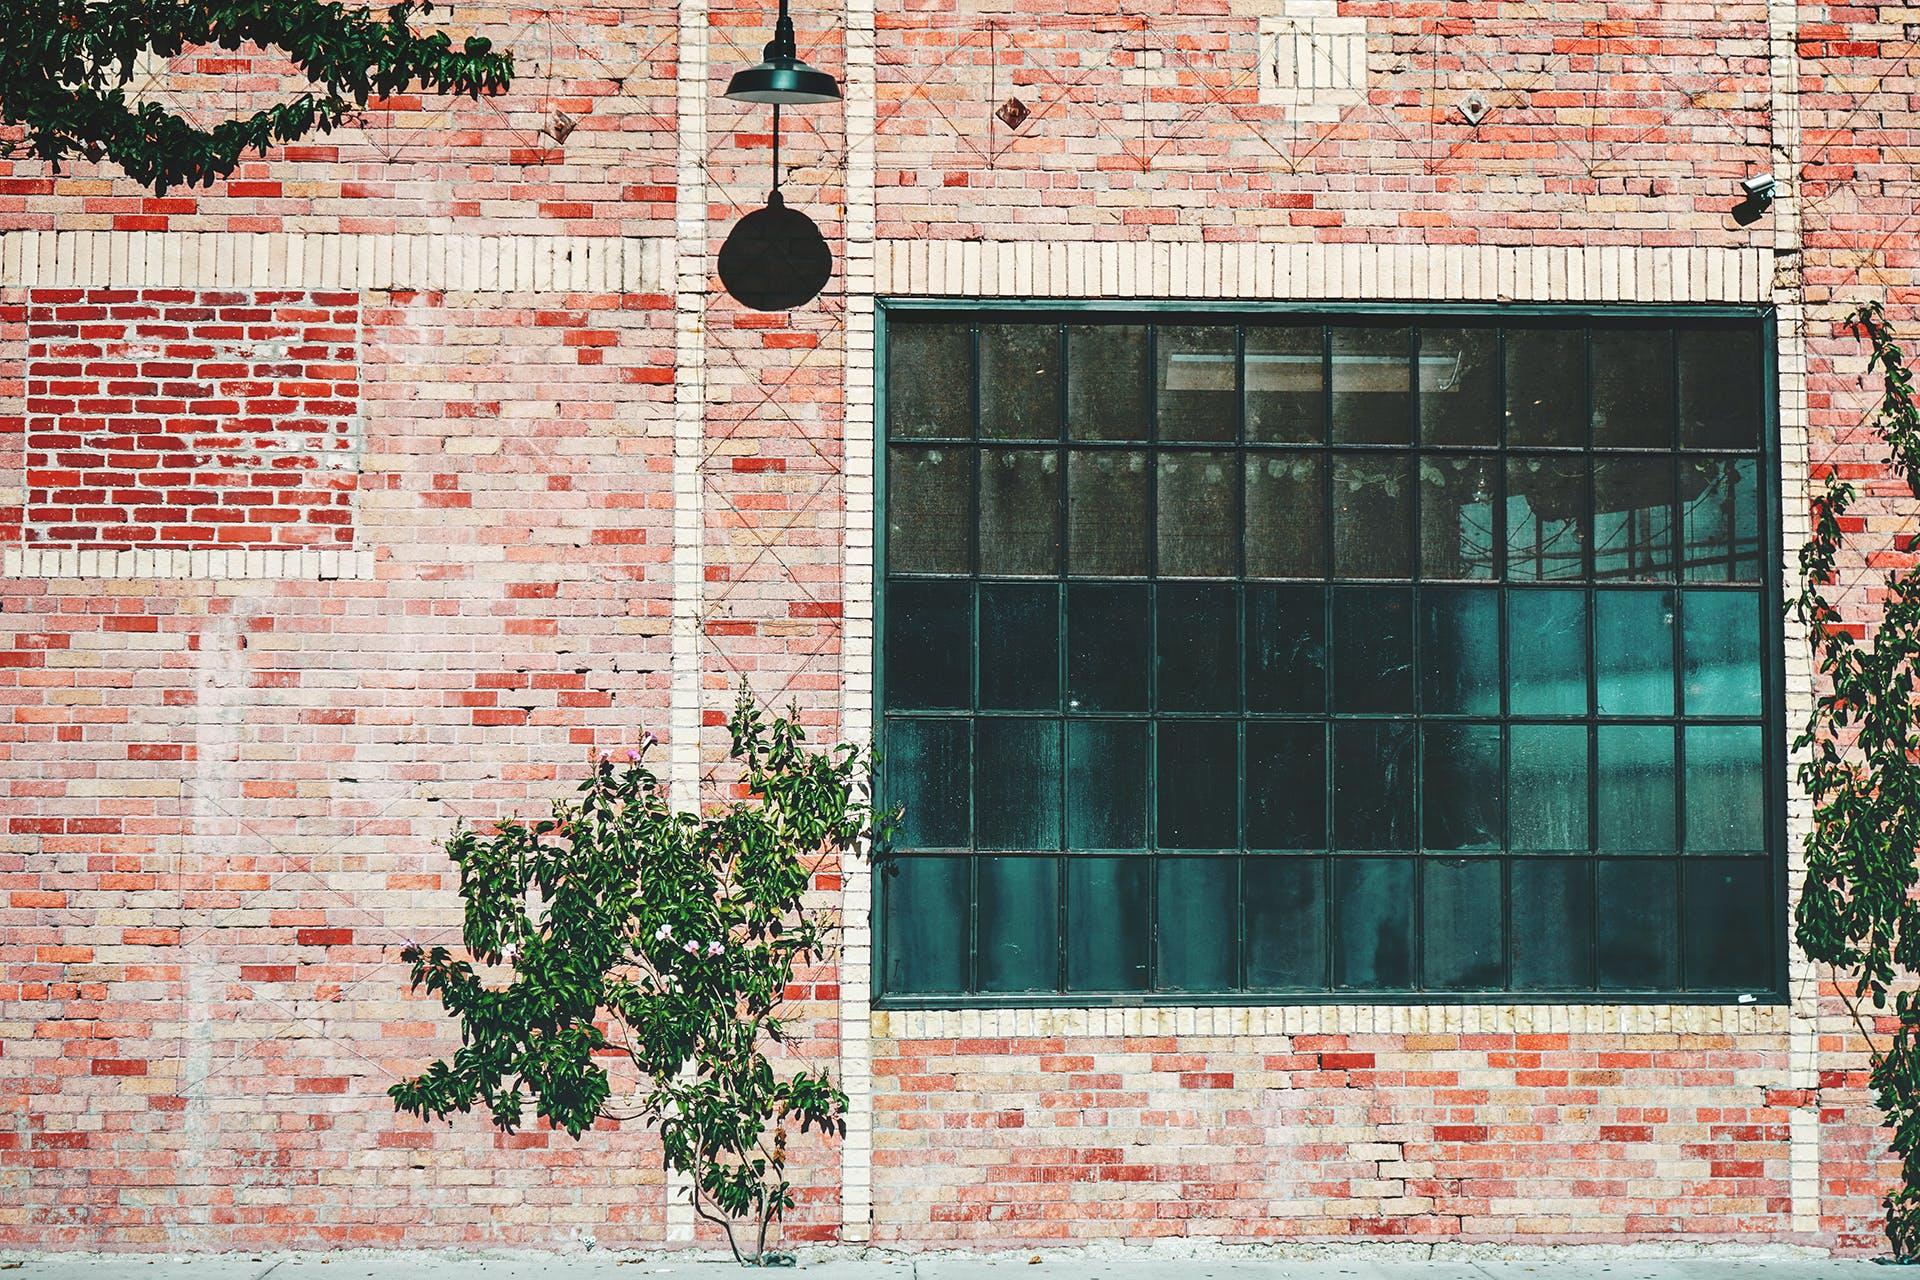 bricks, industry, wall